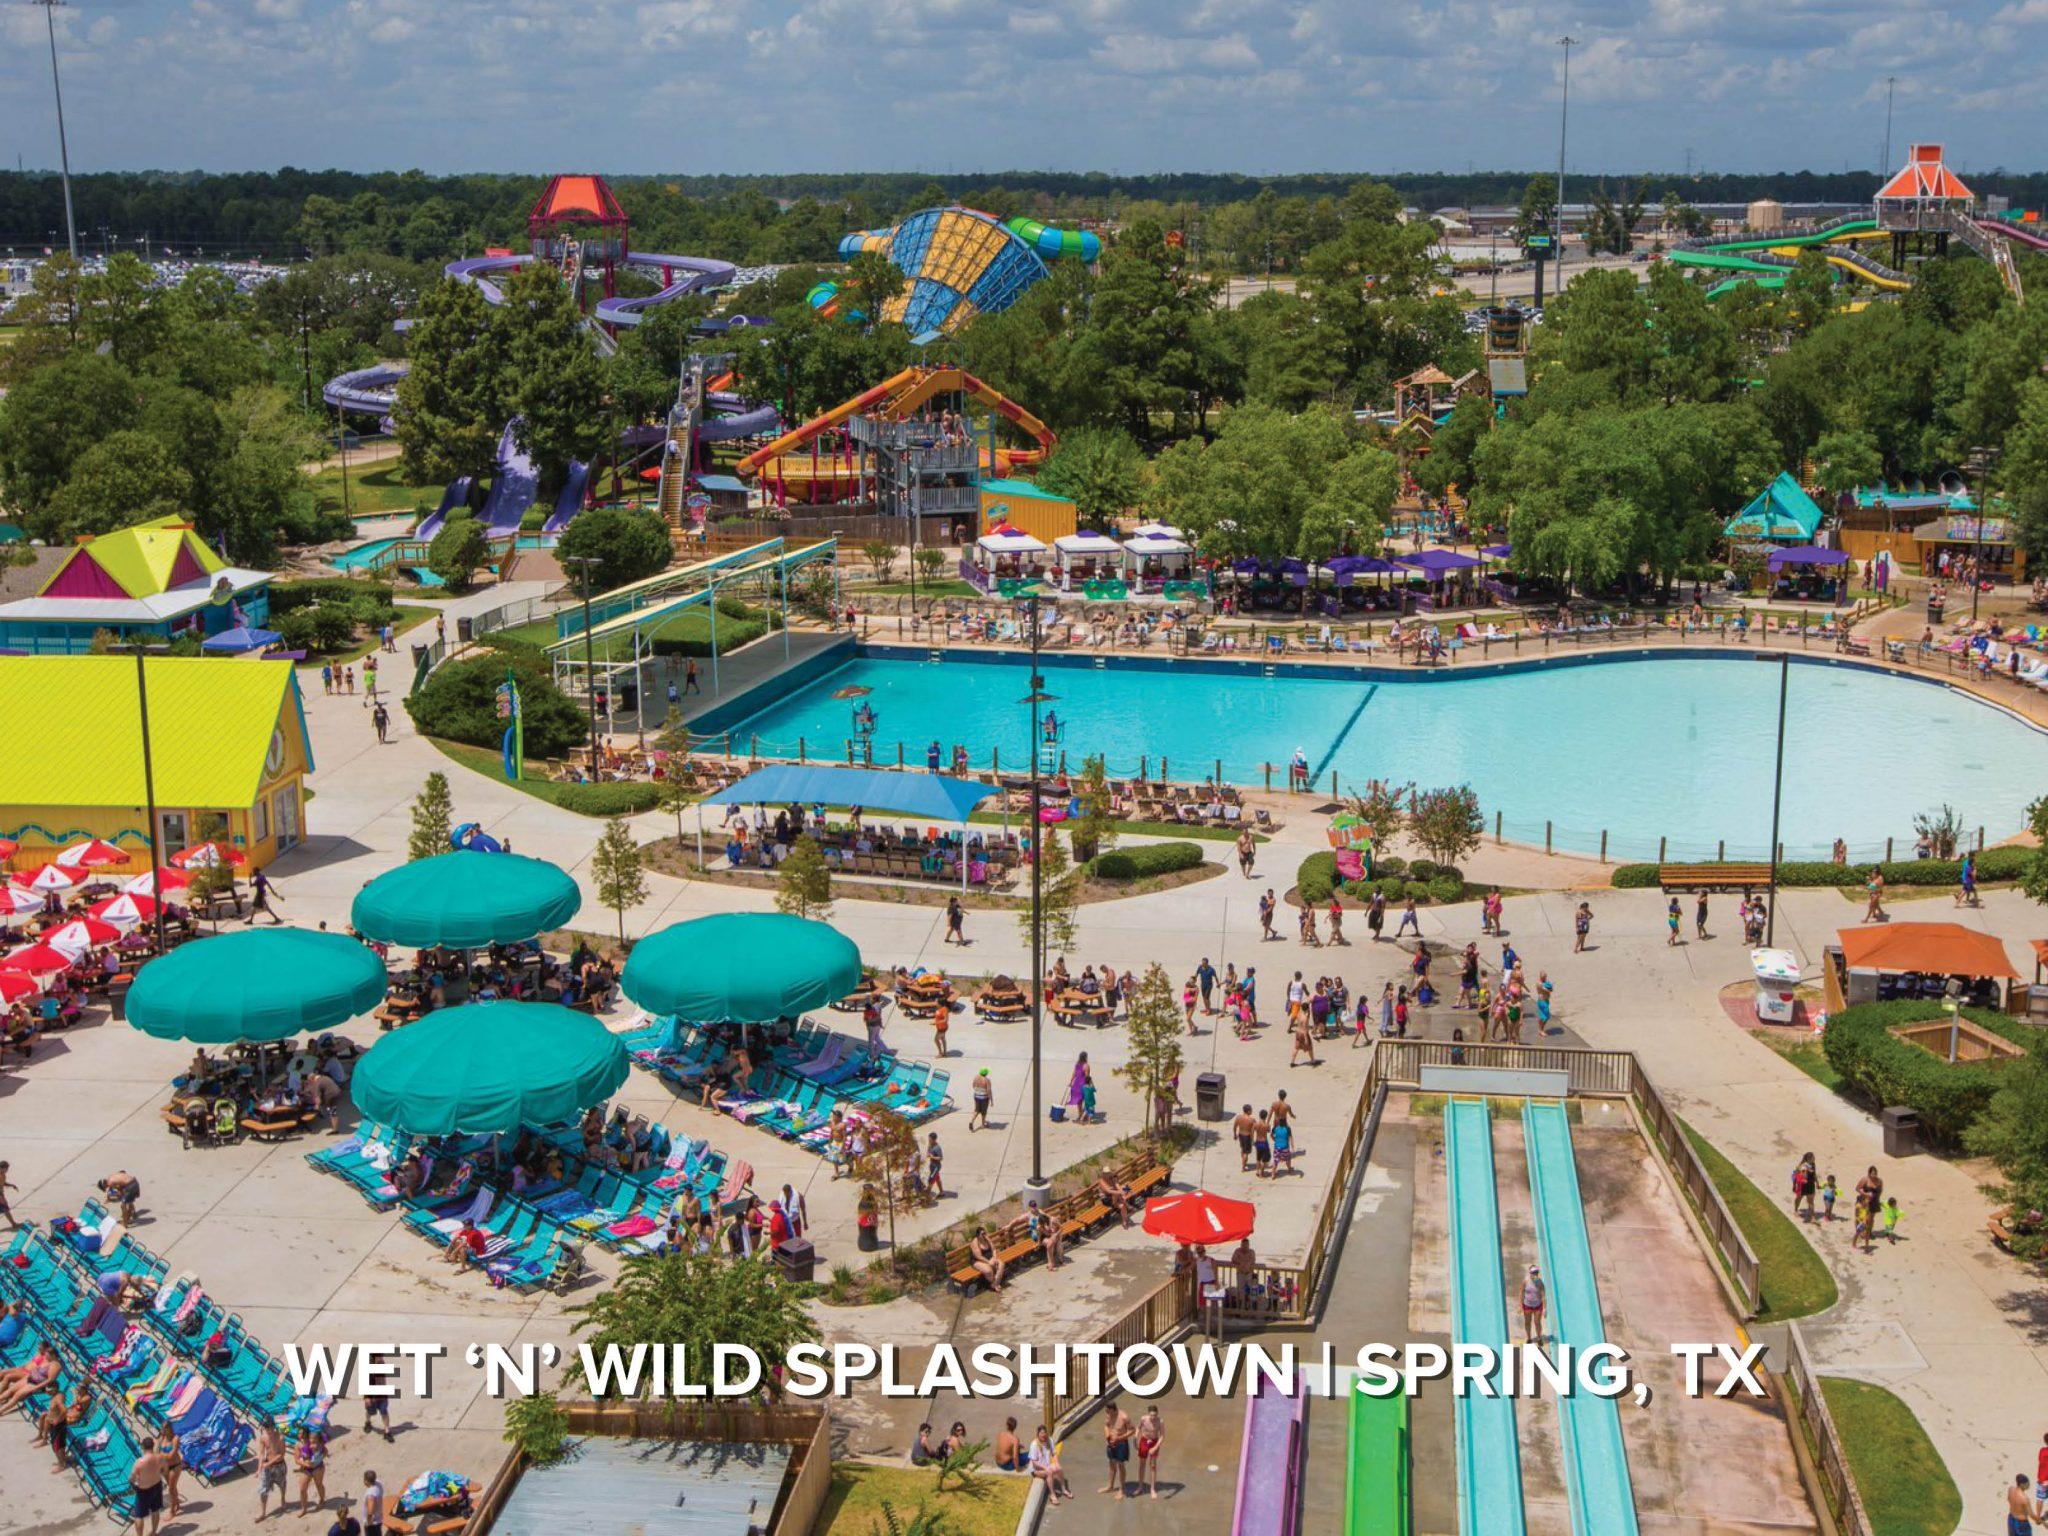 wet n wild splashtown